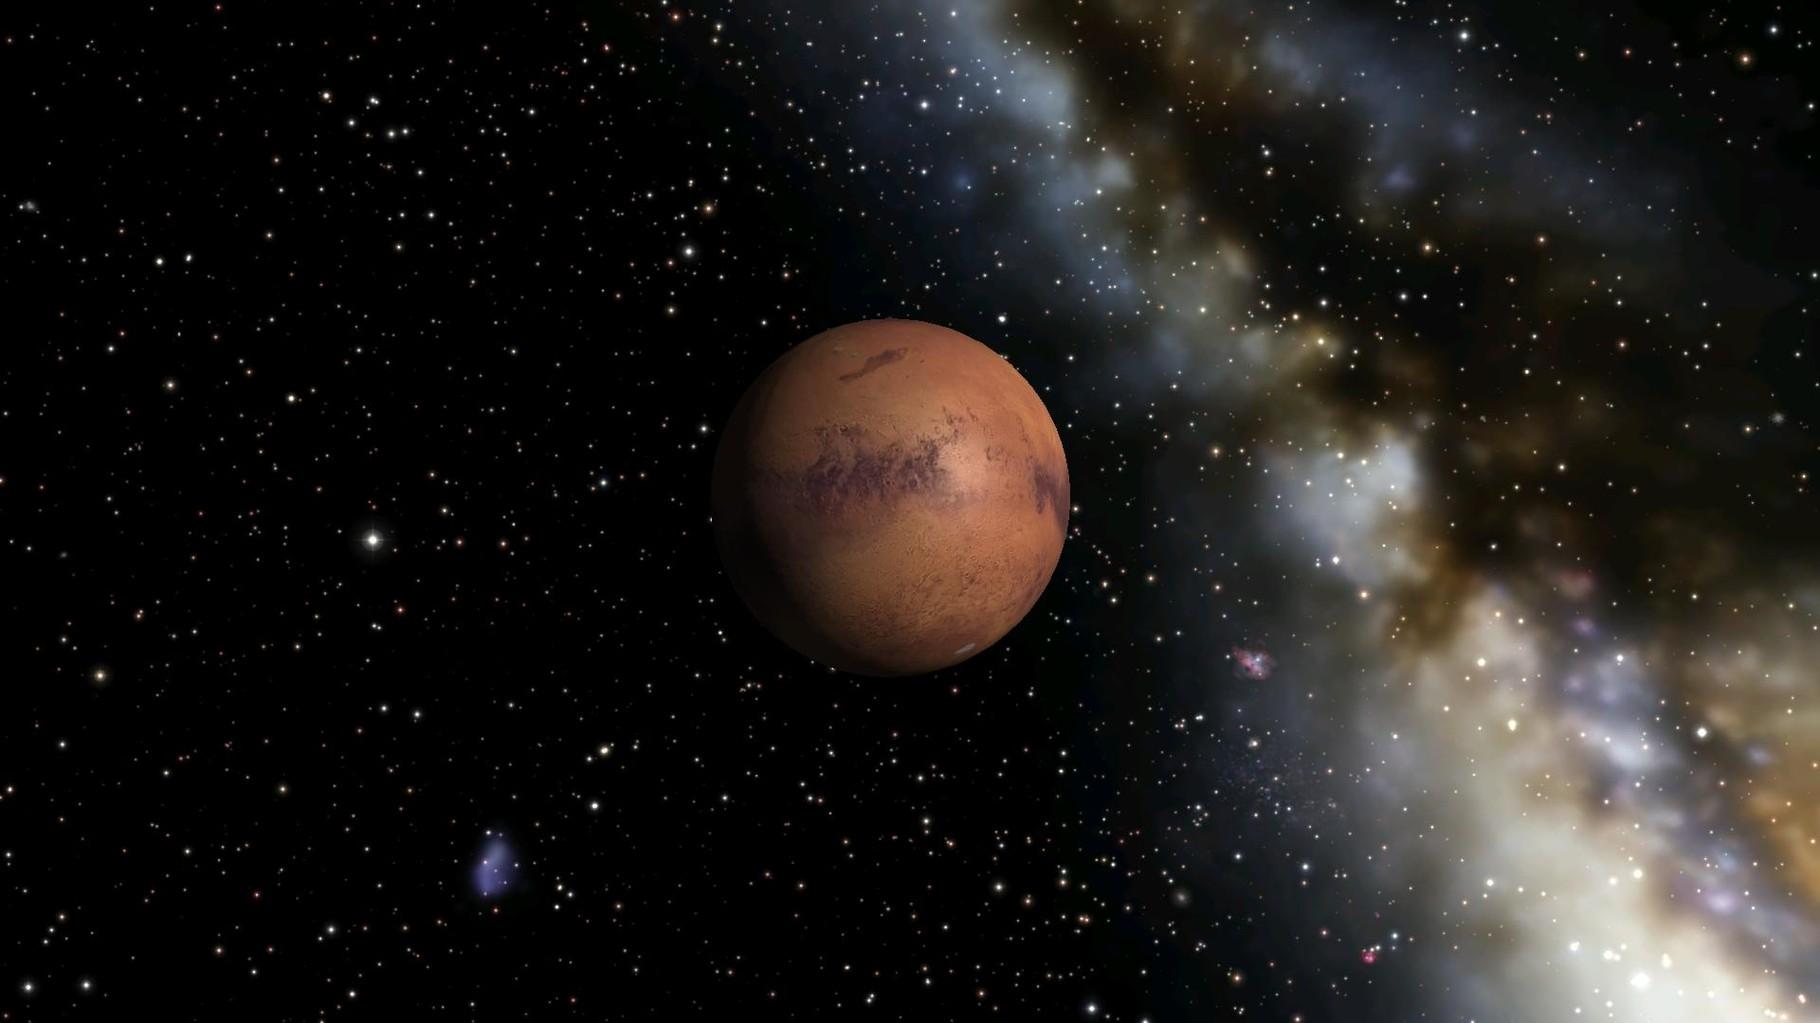 Ach der Mars.